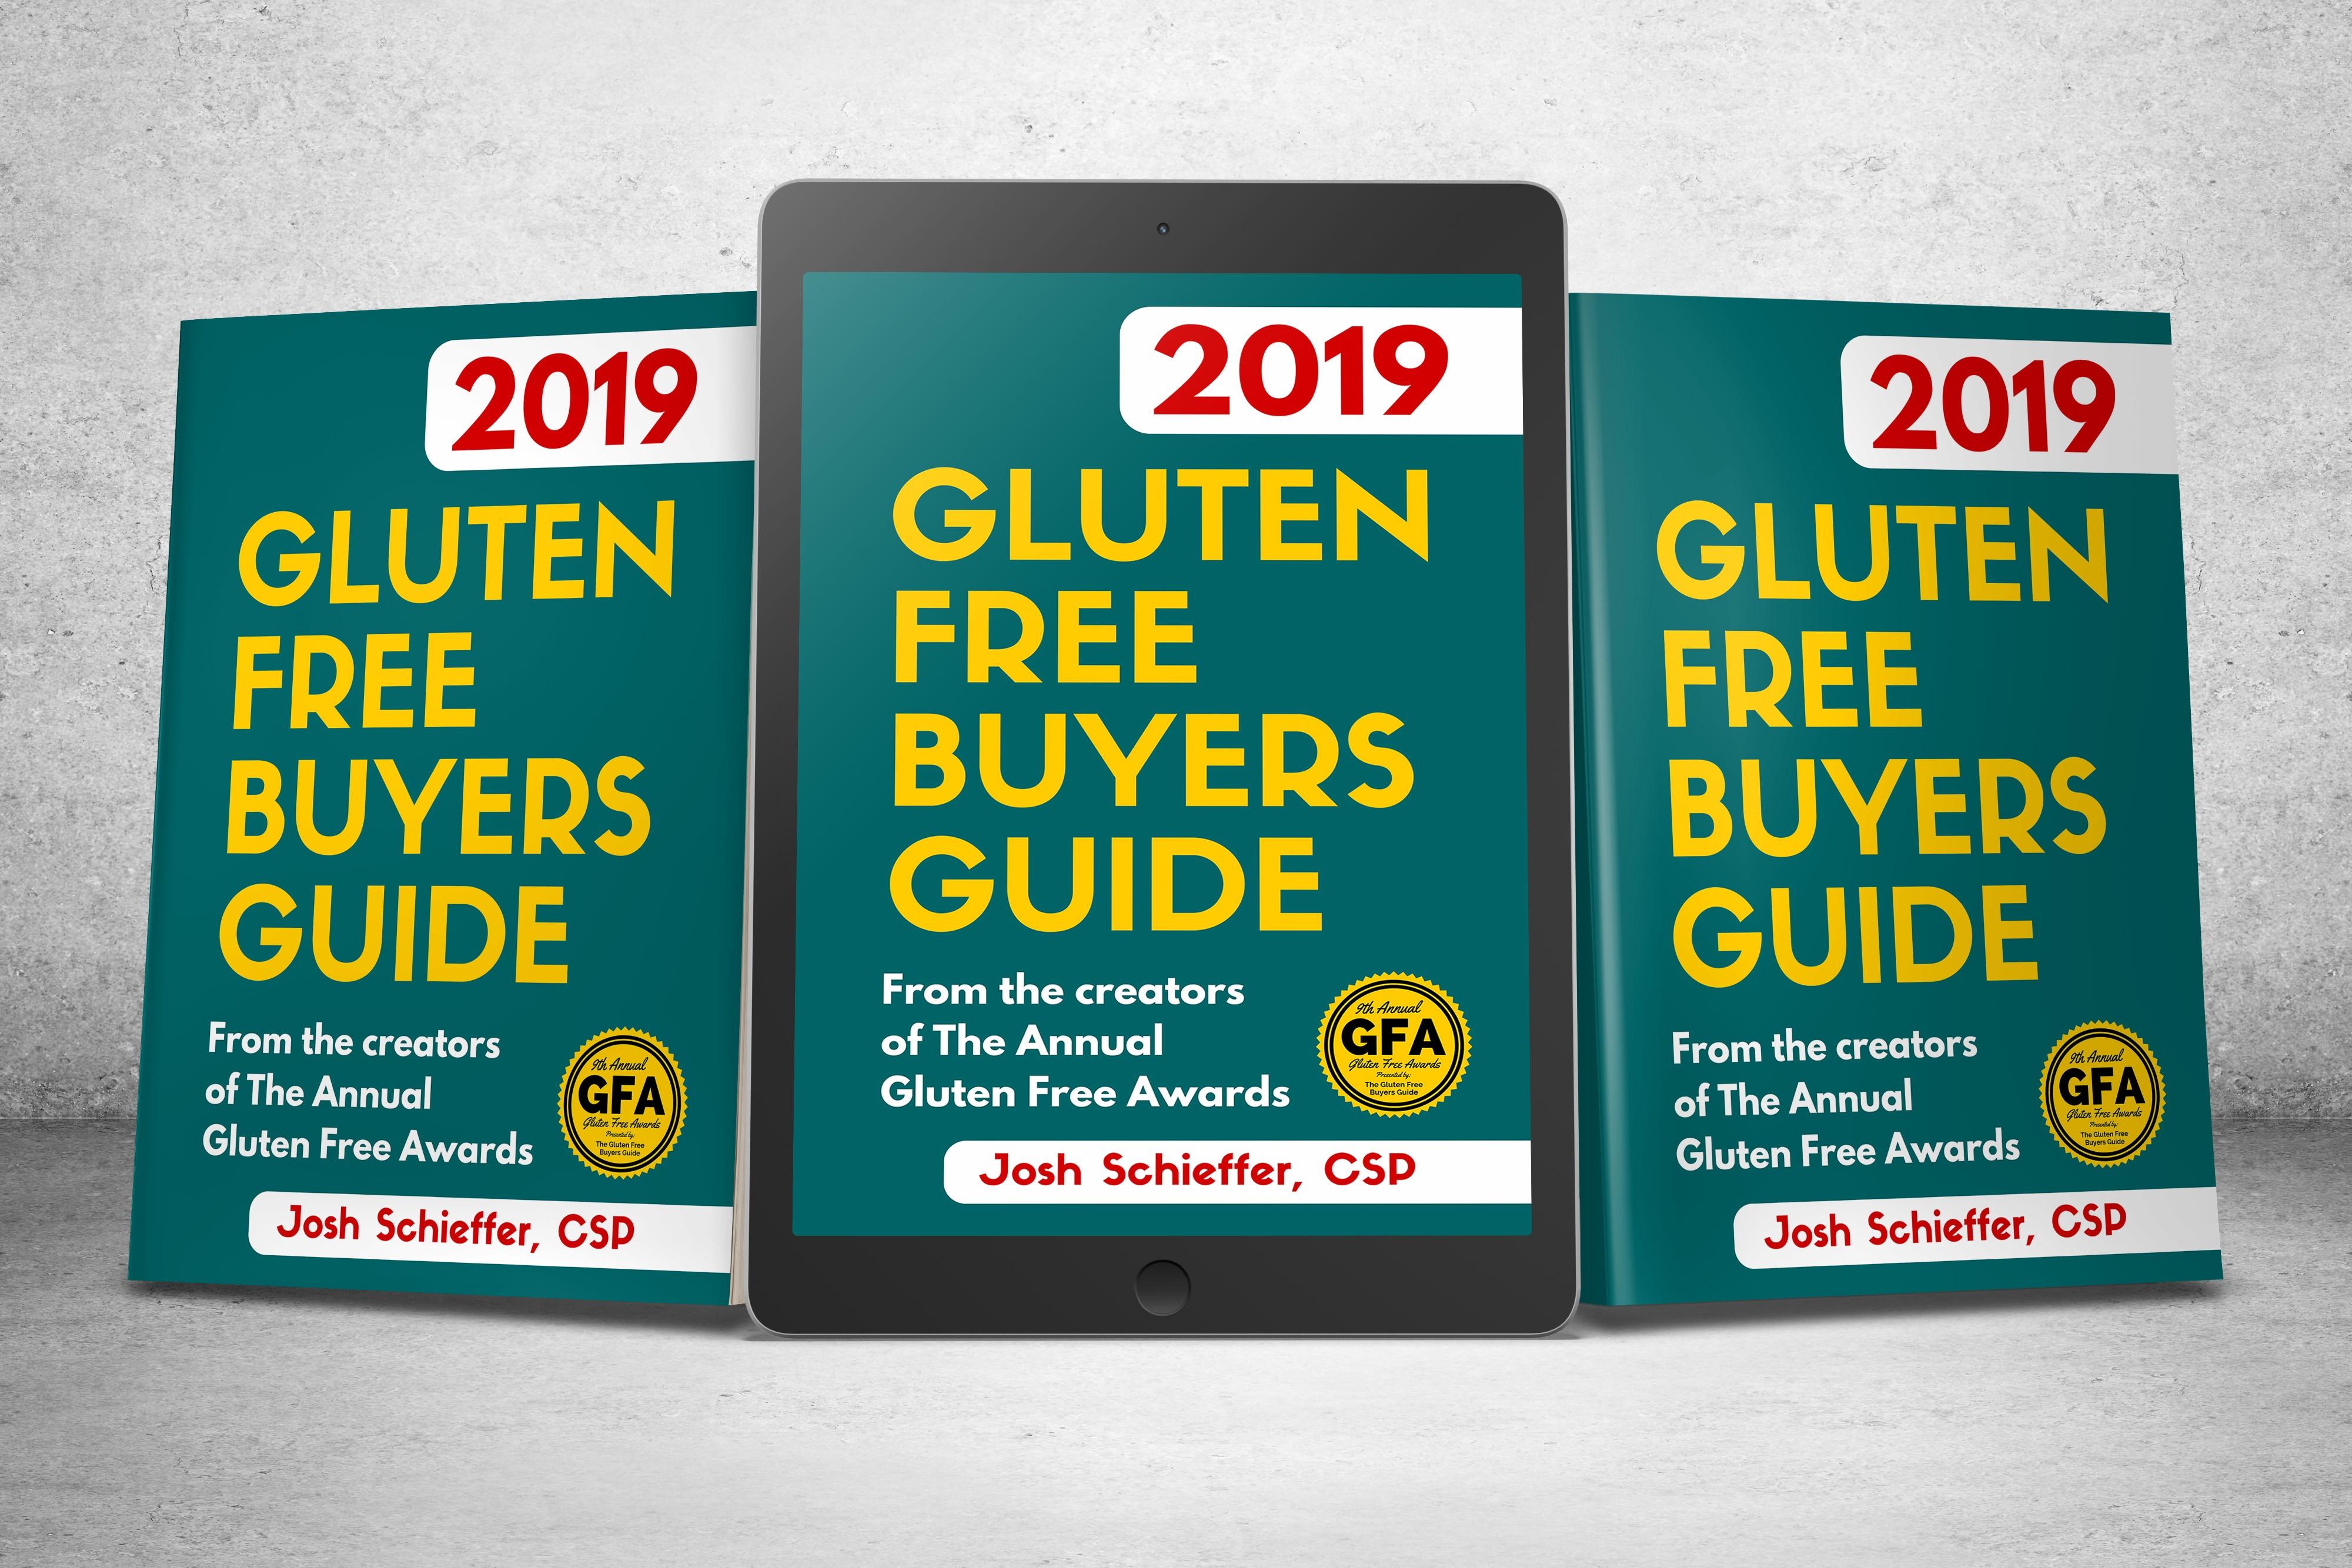 Gluten Free Buyers Guide Linkedin